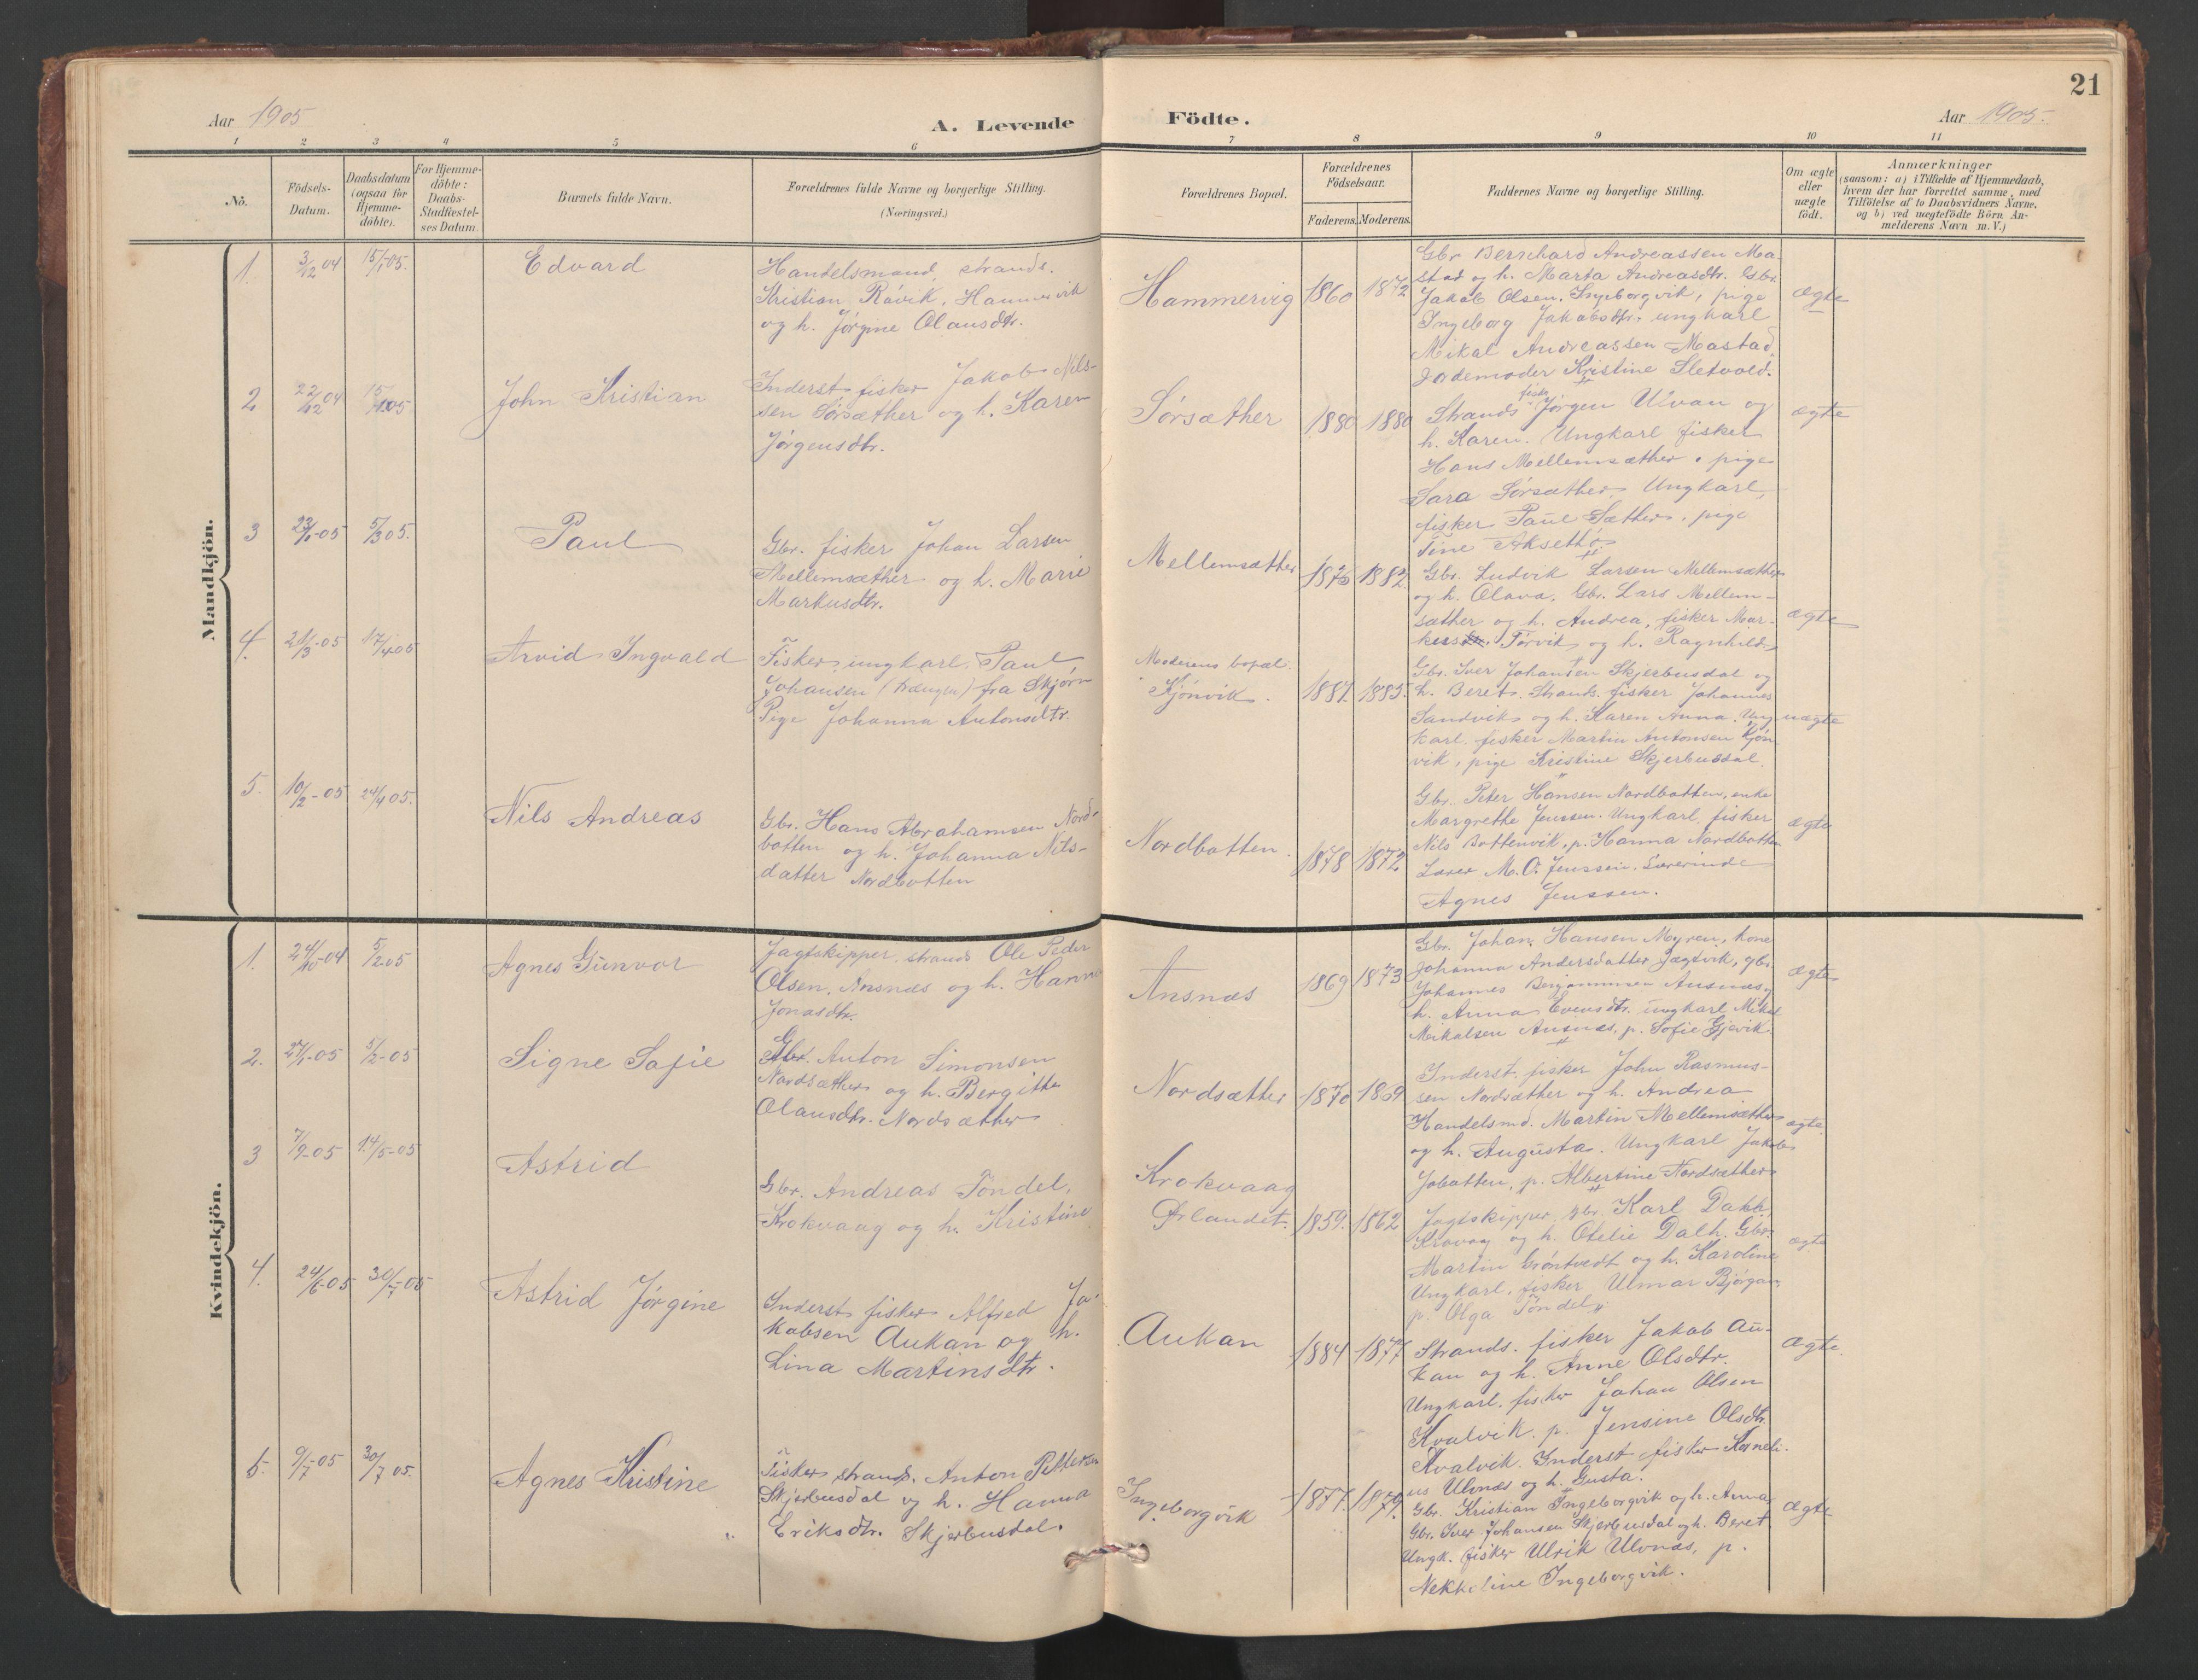 SAT, Ministerialprotokoller, klokkerbøker og fødselsregistre - Sør-Trøndelag, 638/L0571: Klokkerbok nr. 638C03, 1901-1930, s. 21